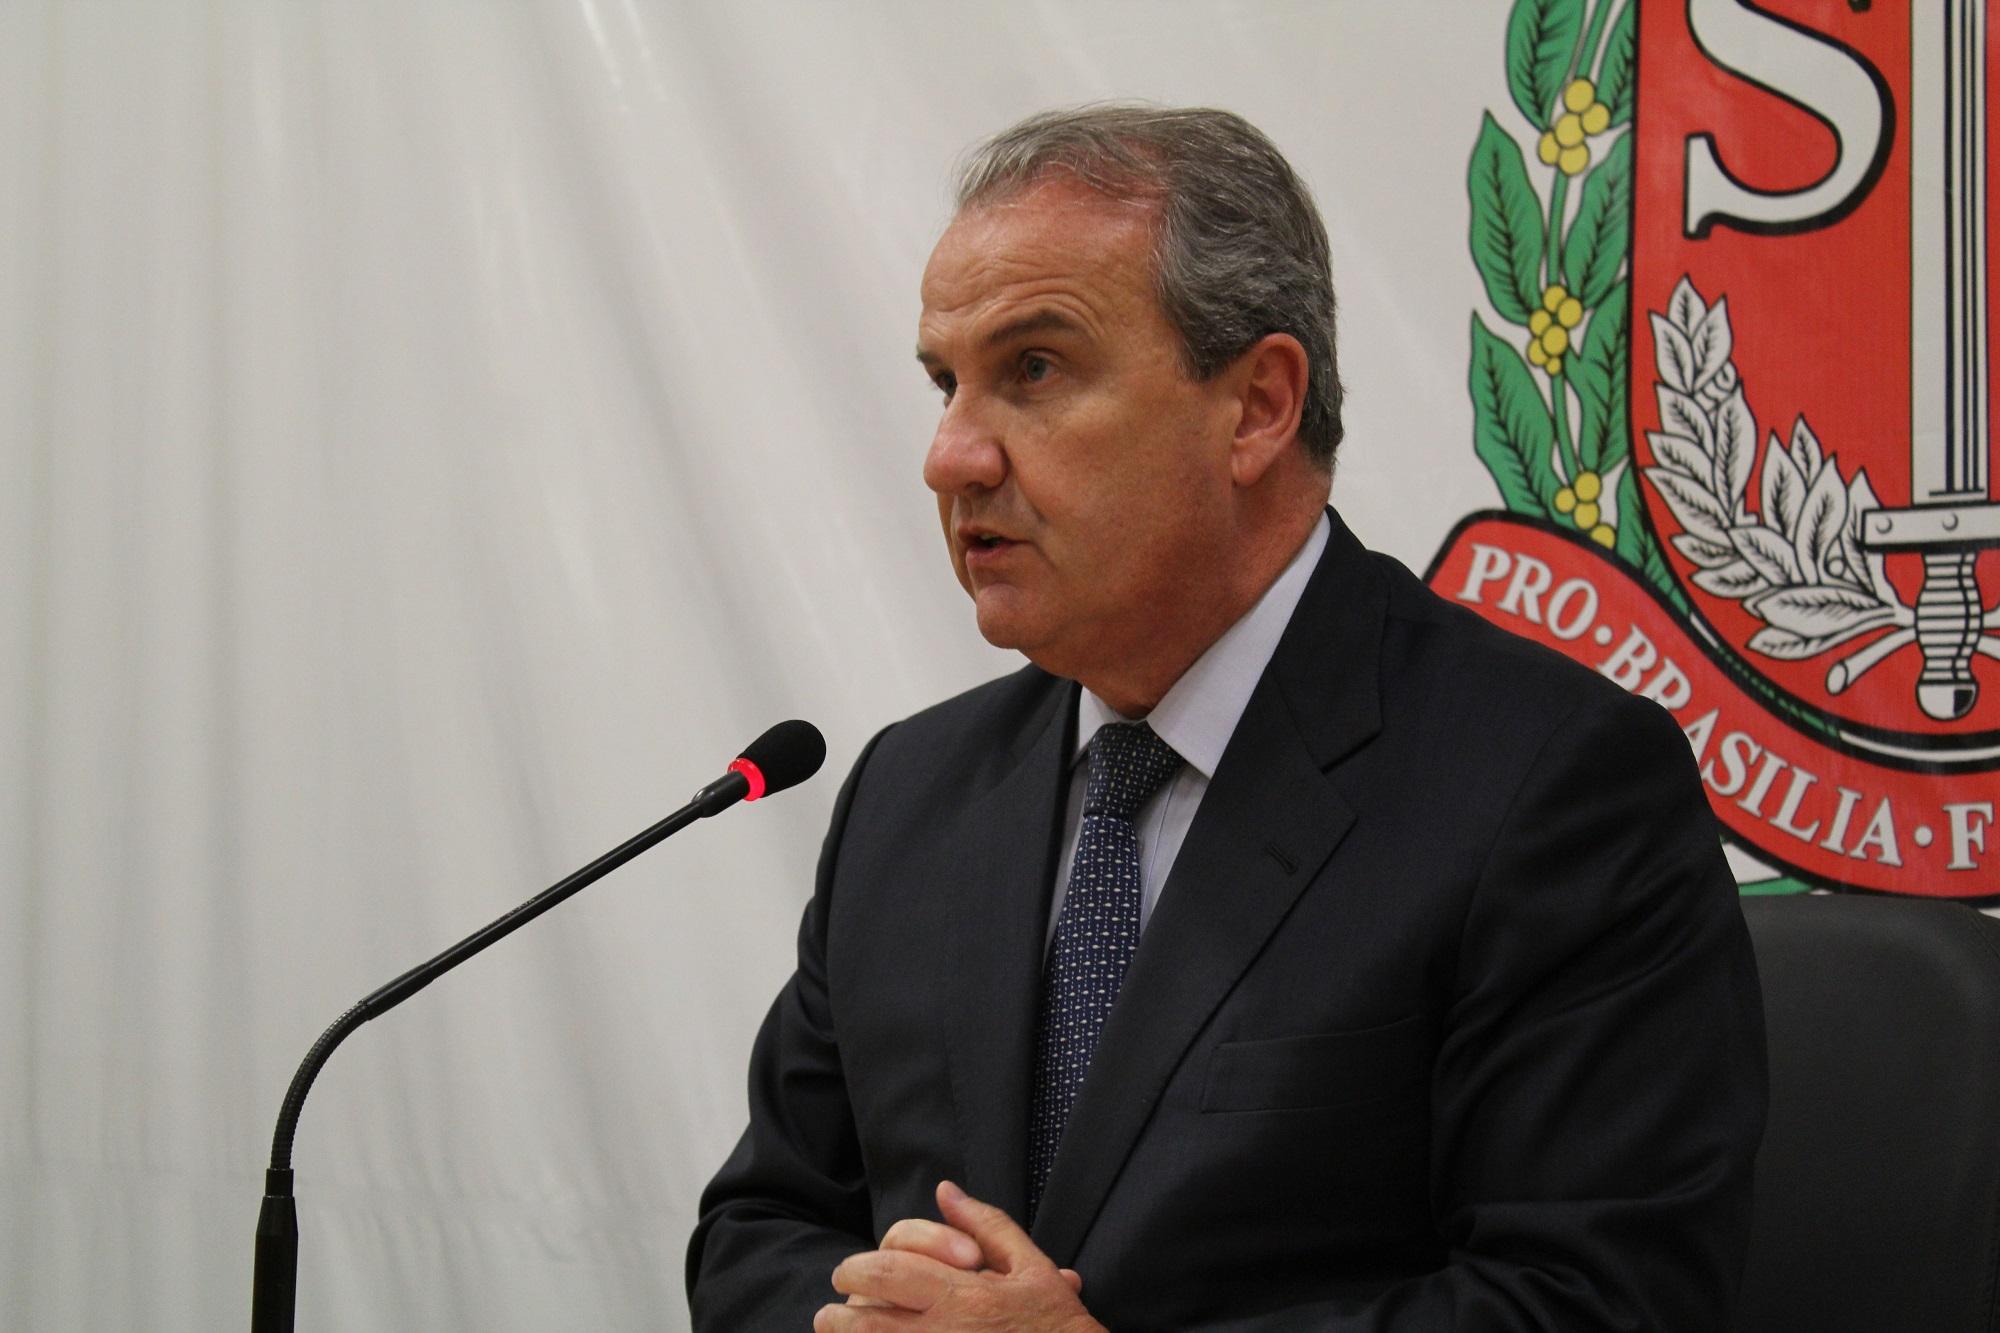 9e2b19083 Mágino destacou a atuação das polícias de São Paulo no combate ao crime  (Crédito  SSP)